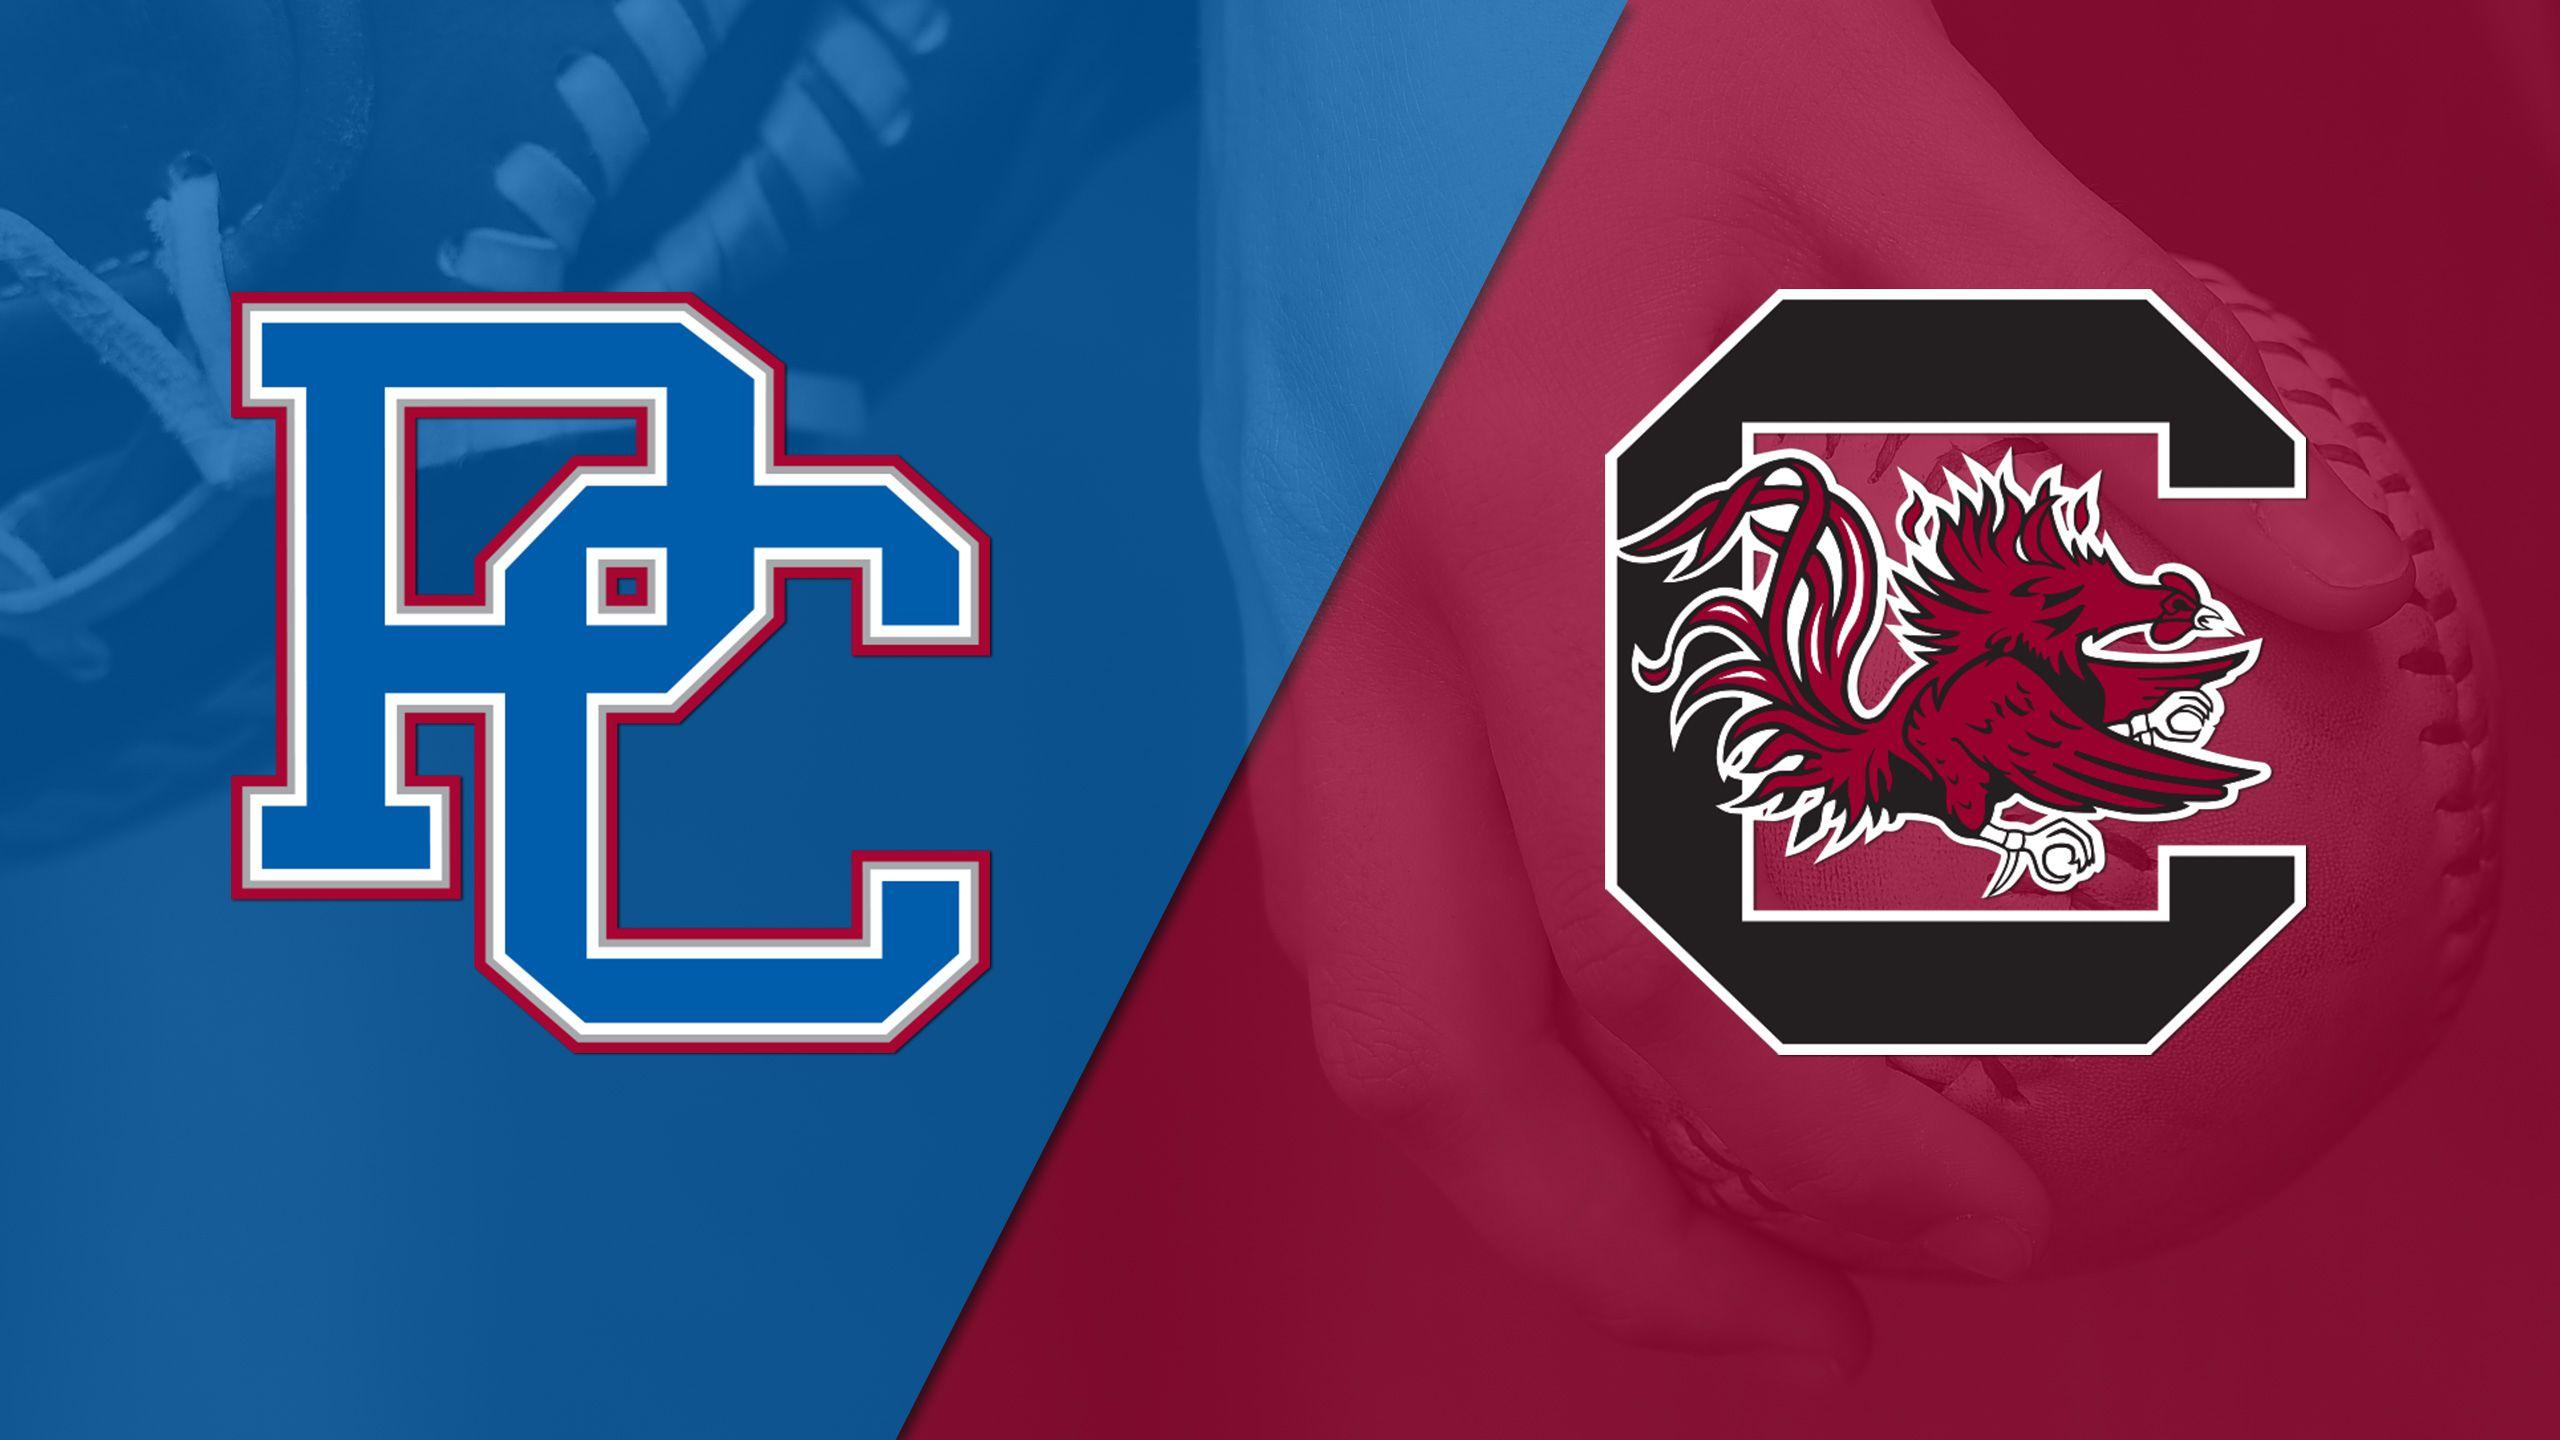 Presbyterian vs. South Carolina (Softball)